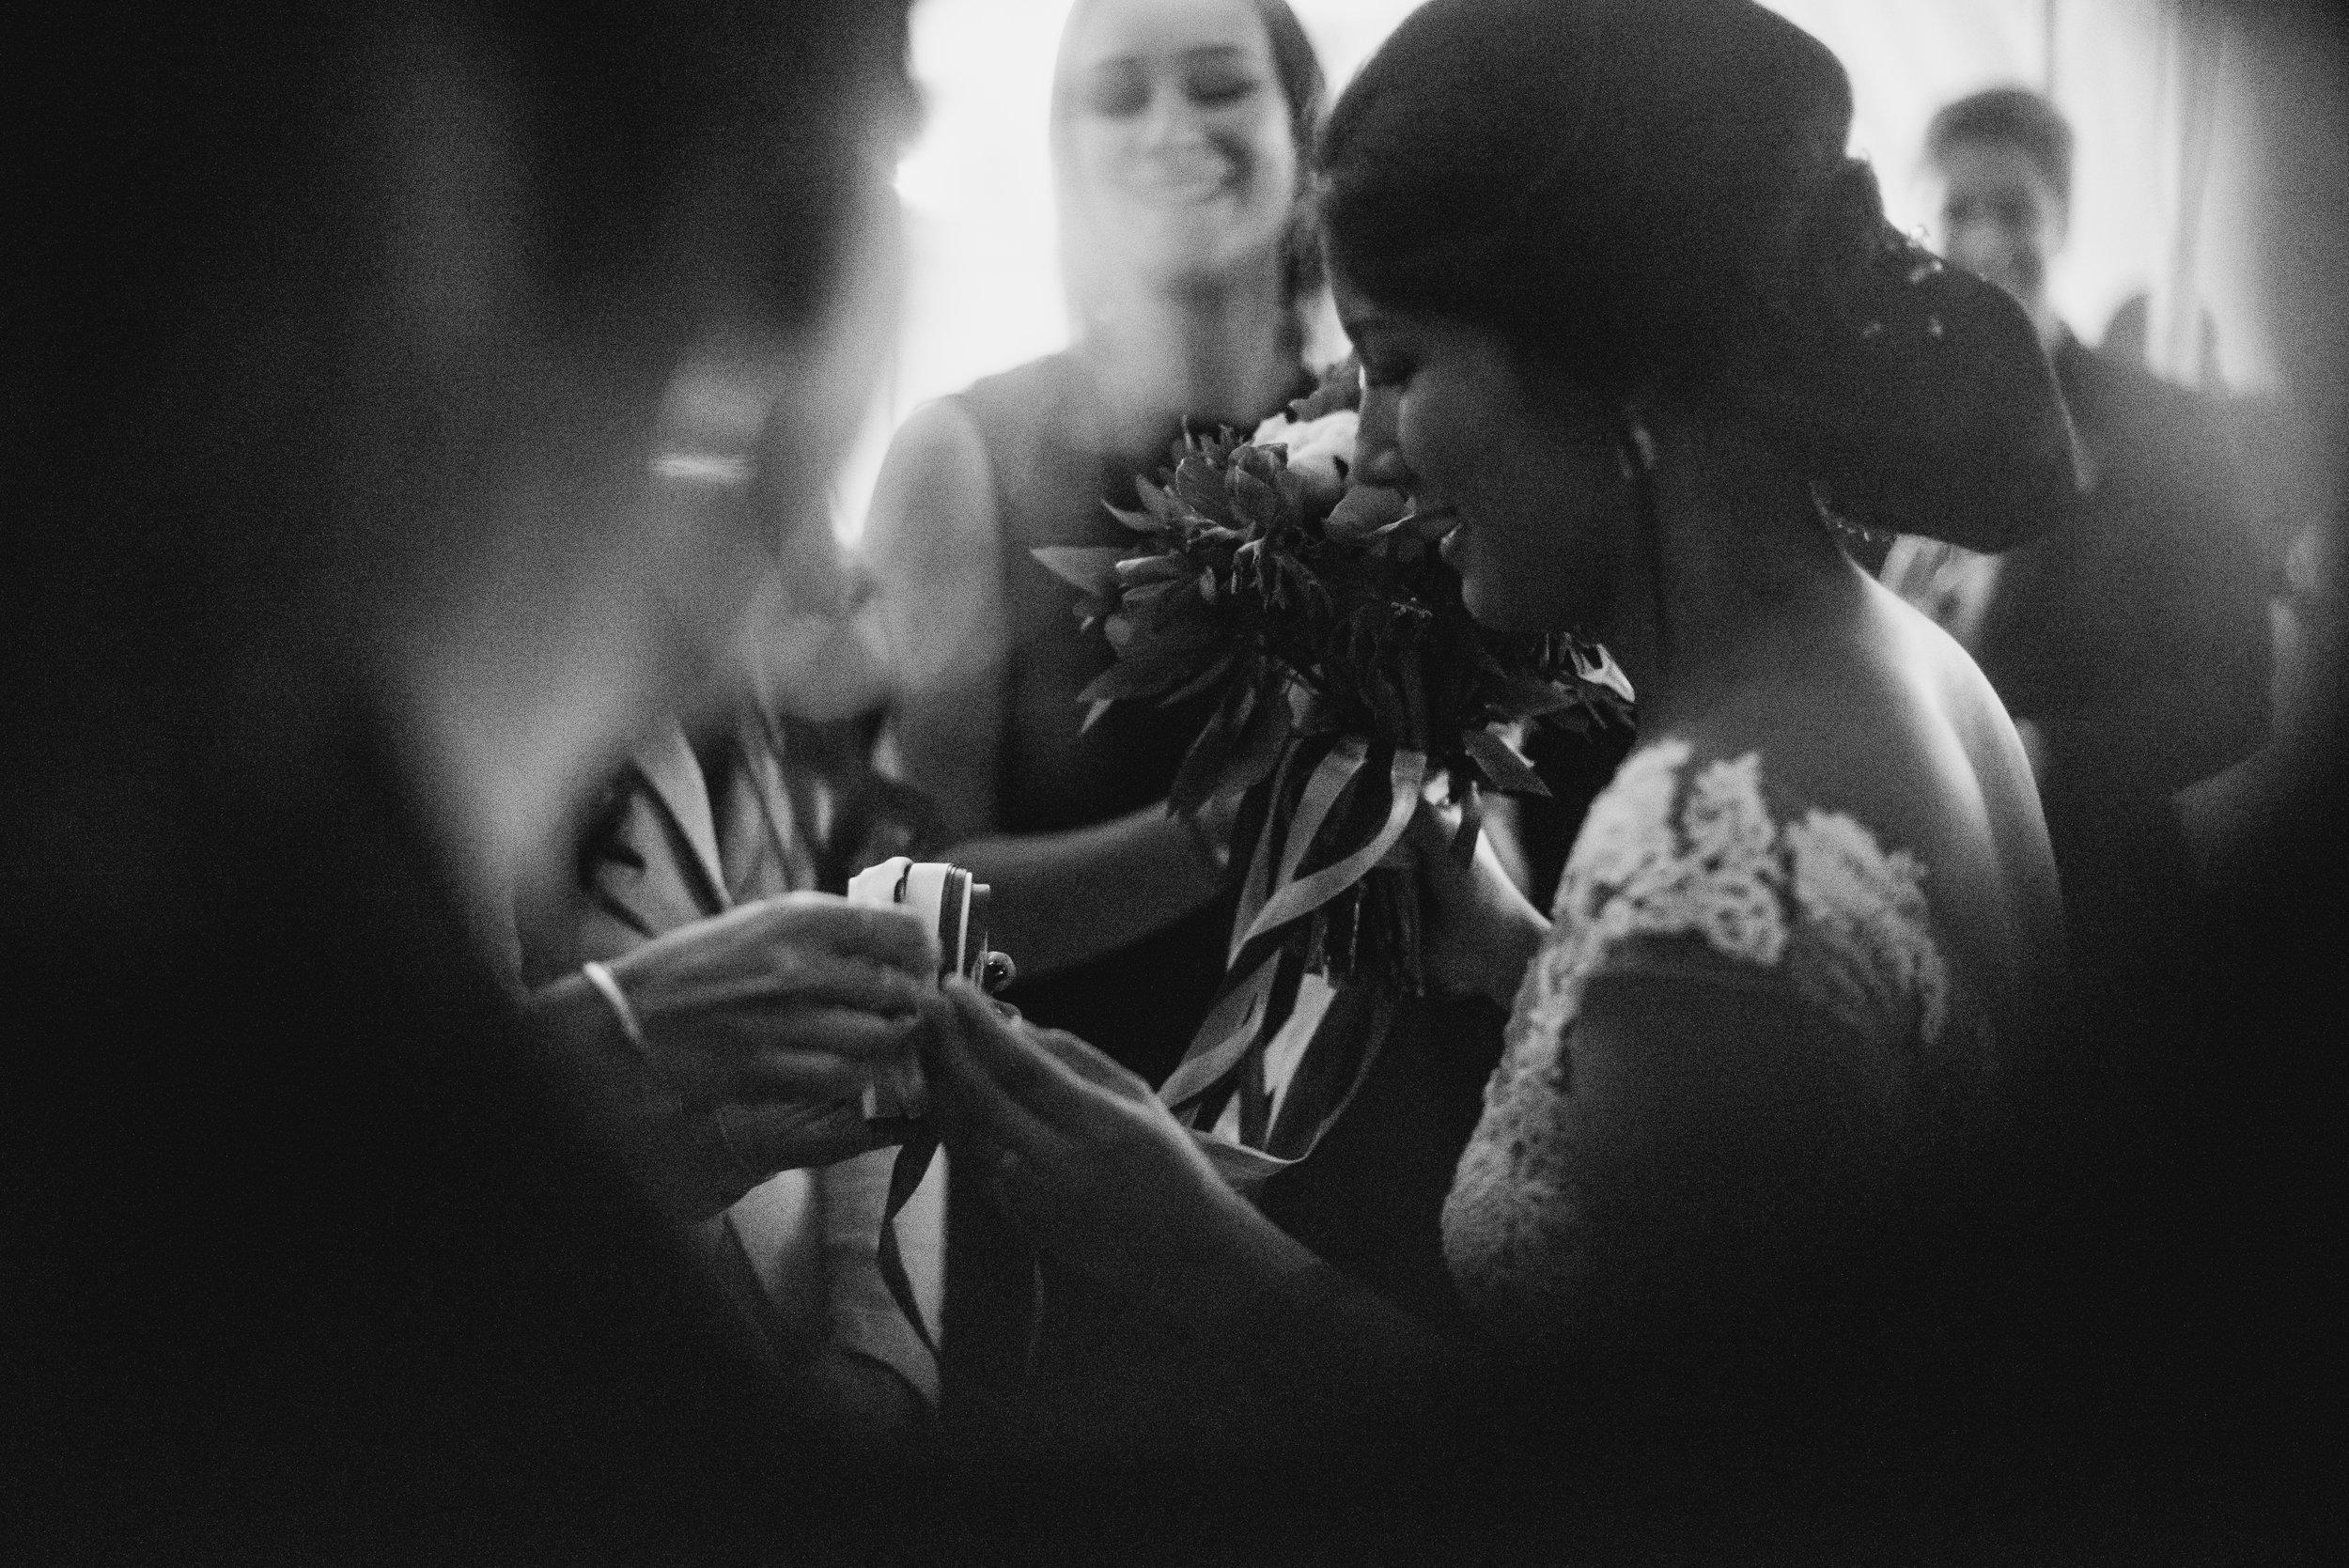 Léa-Fery-photographe-professionnel-lyon-rhone-alpes-portrait-creation-mariage-evenement-evenementiel-famille-8170.jpg